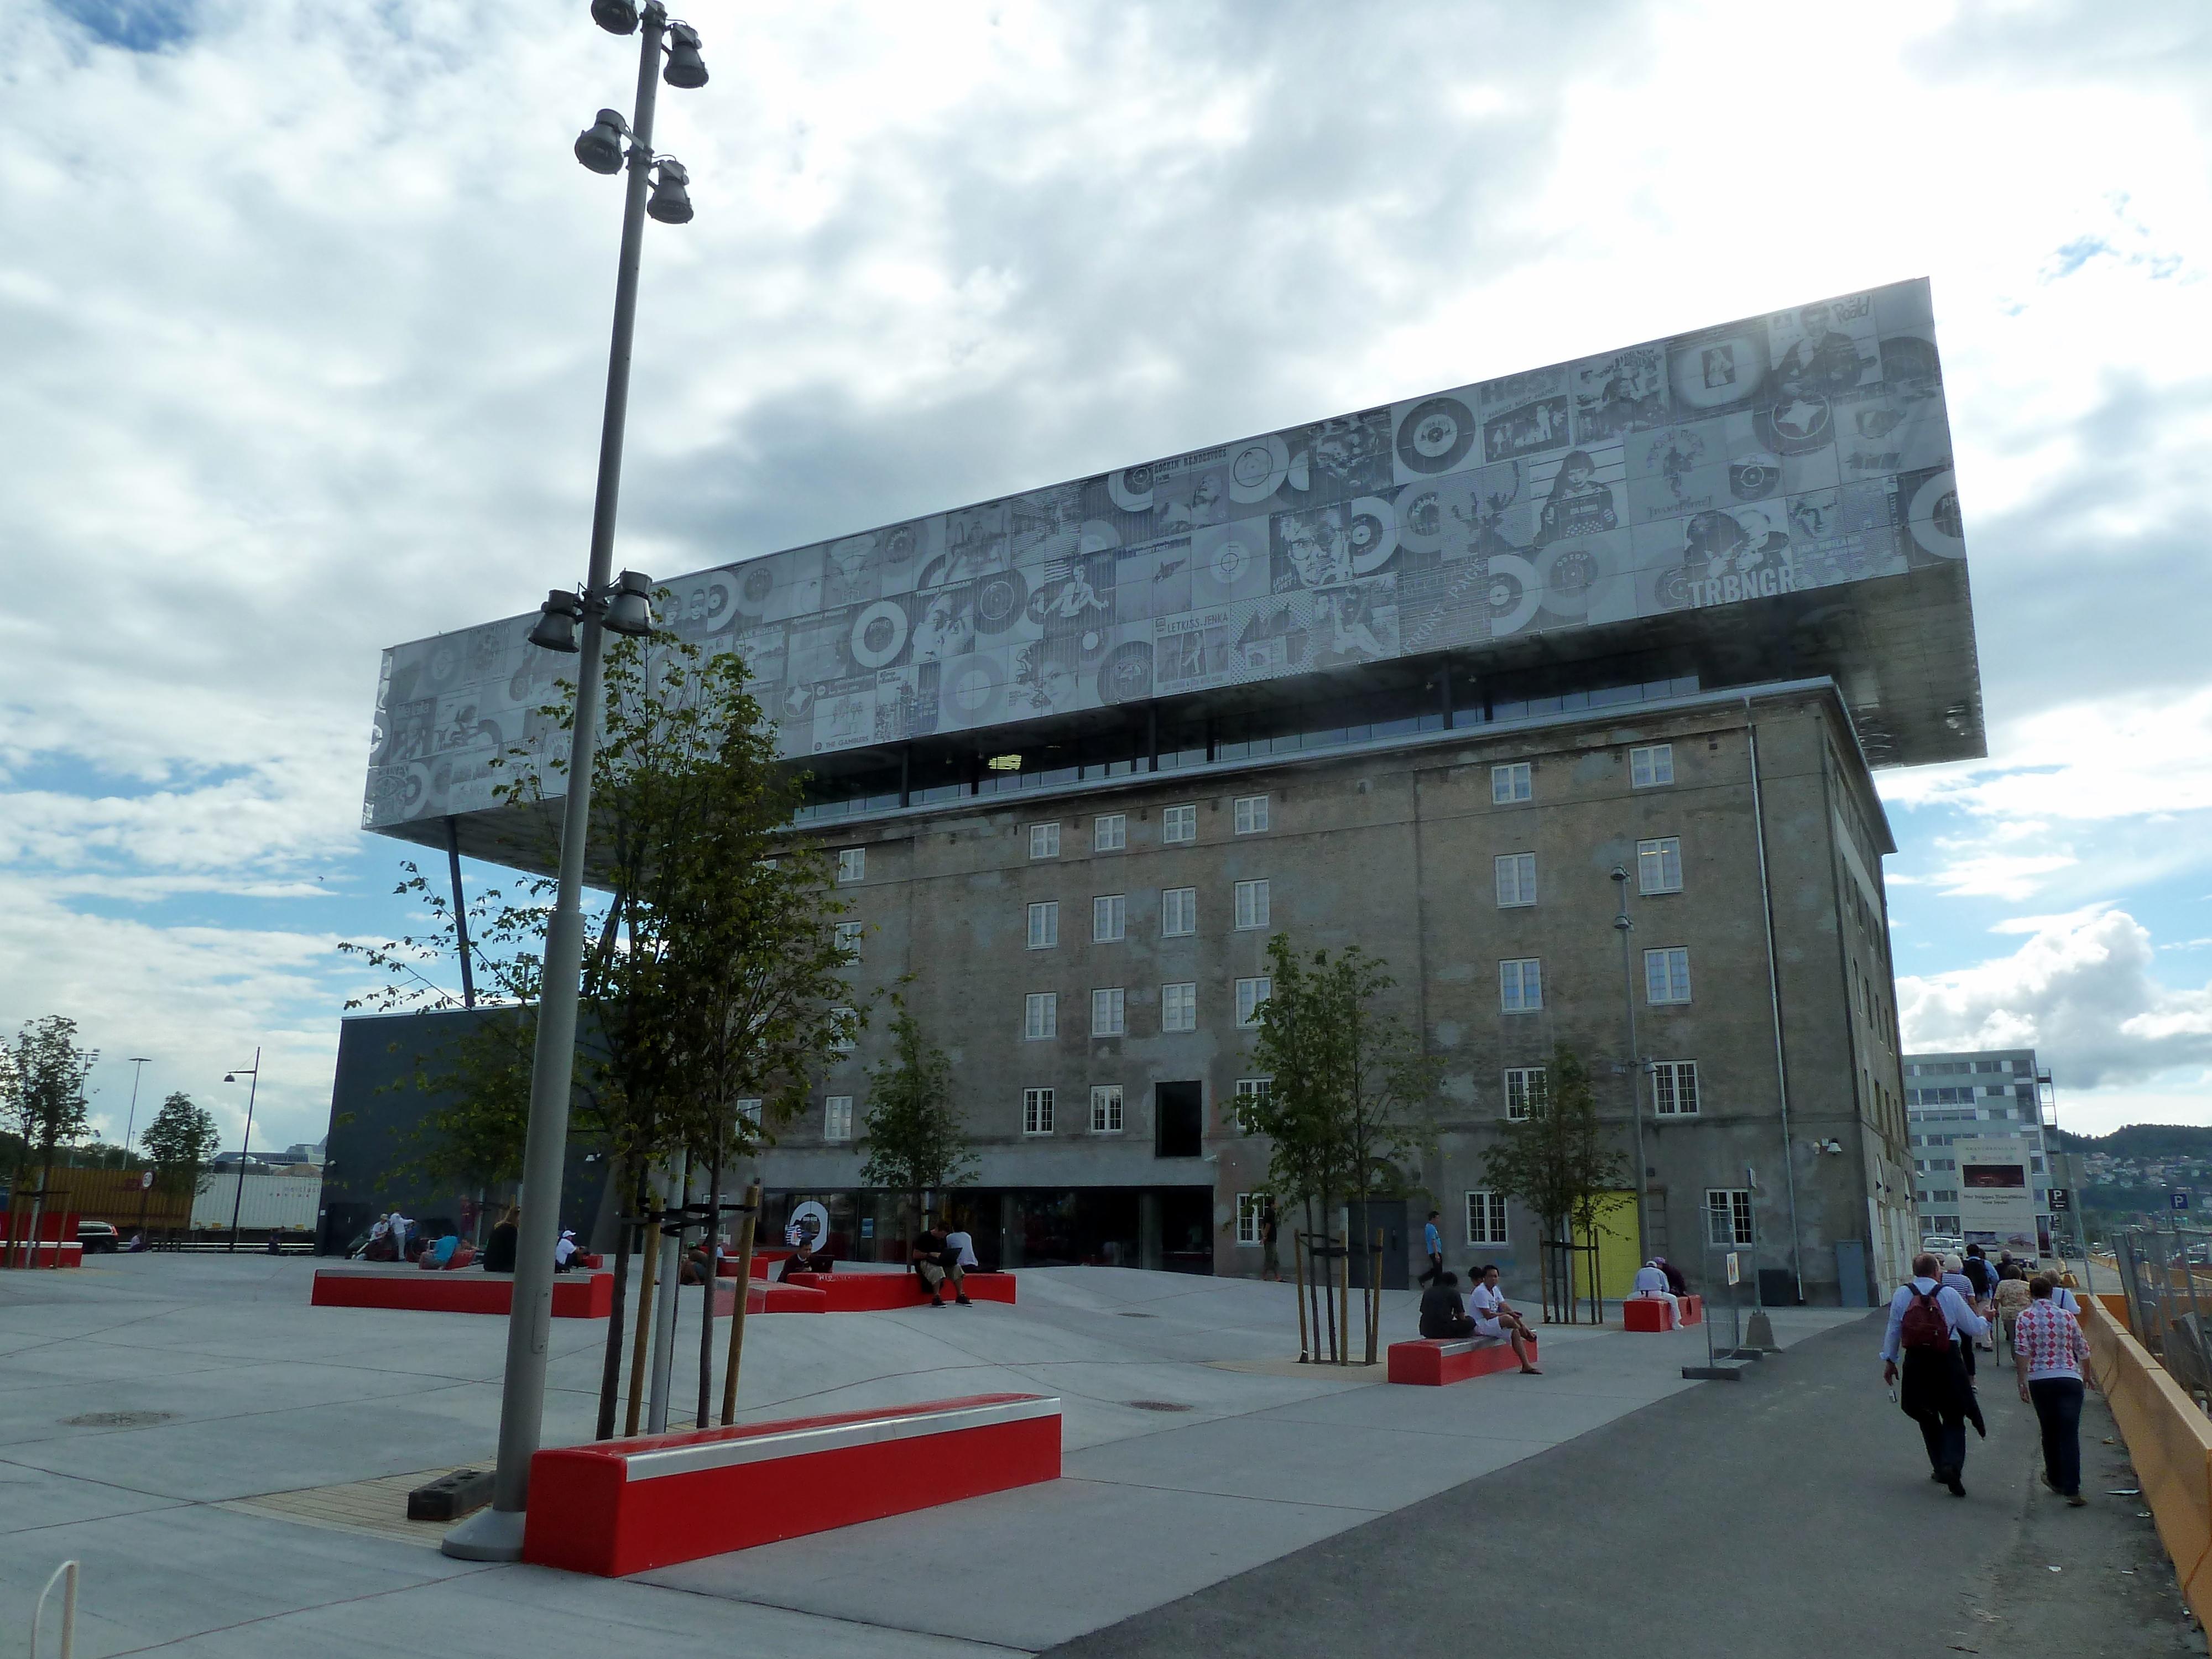 File:2010-08-04 - Trondheim - moderne Architektur am Hafen ...